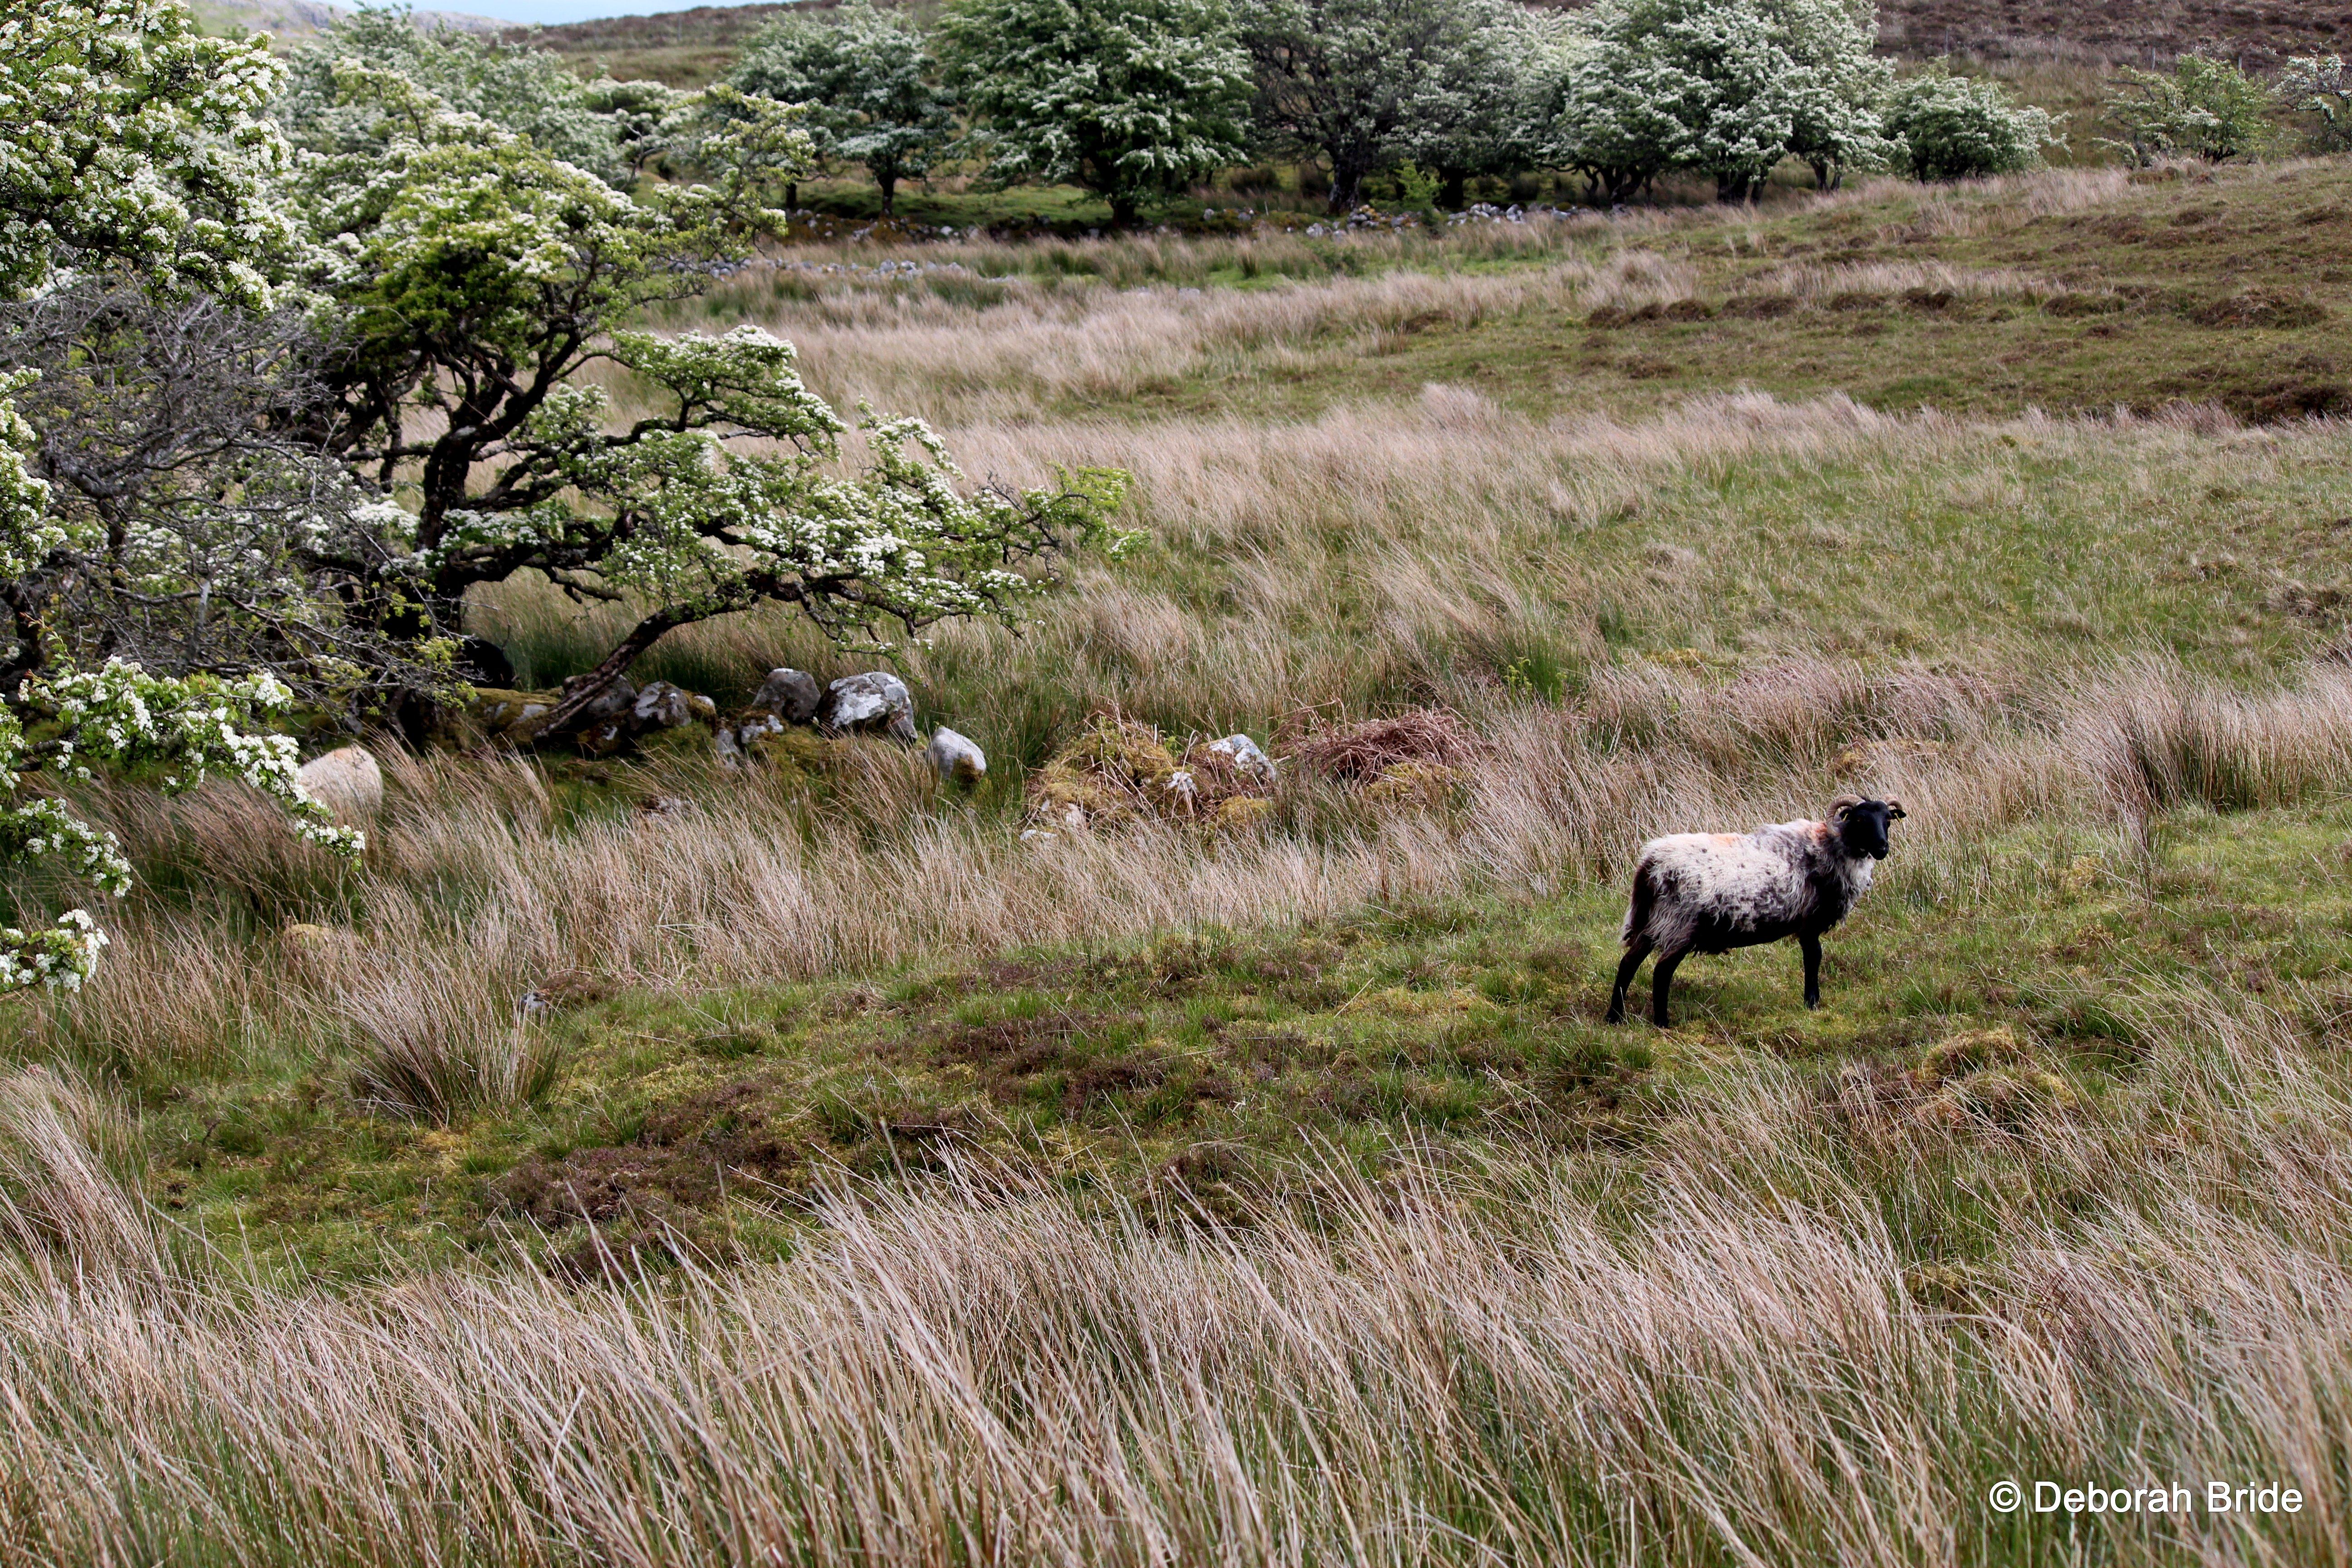 CuilcaghLegnabrocky - Crédit photo : Deborah Bride